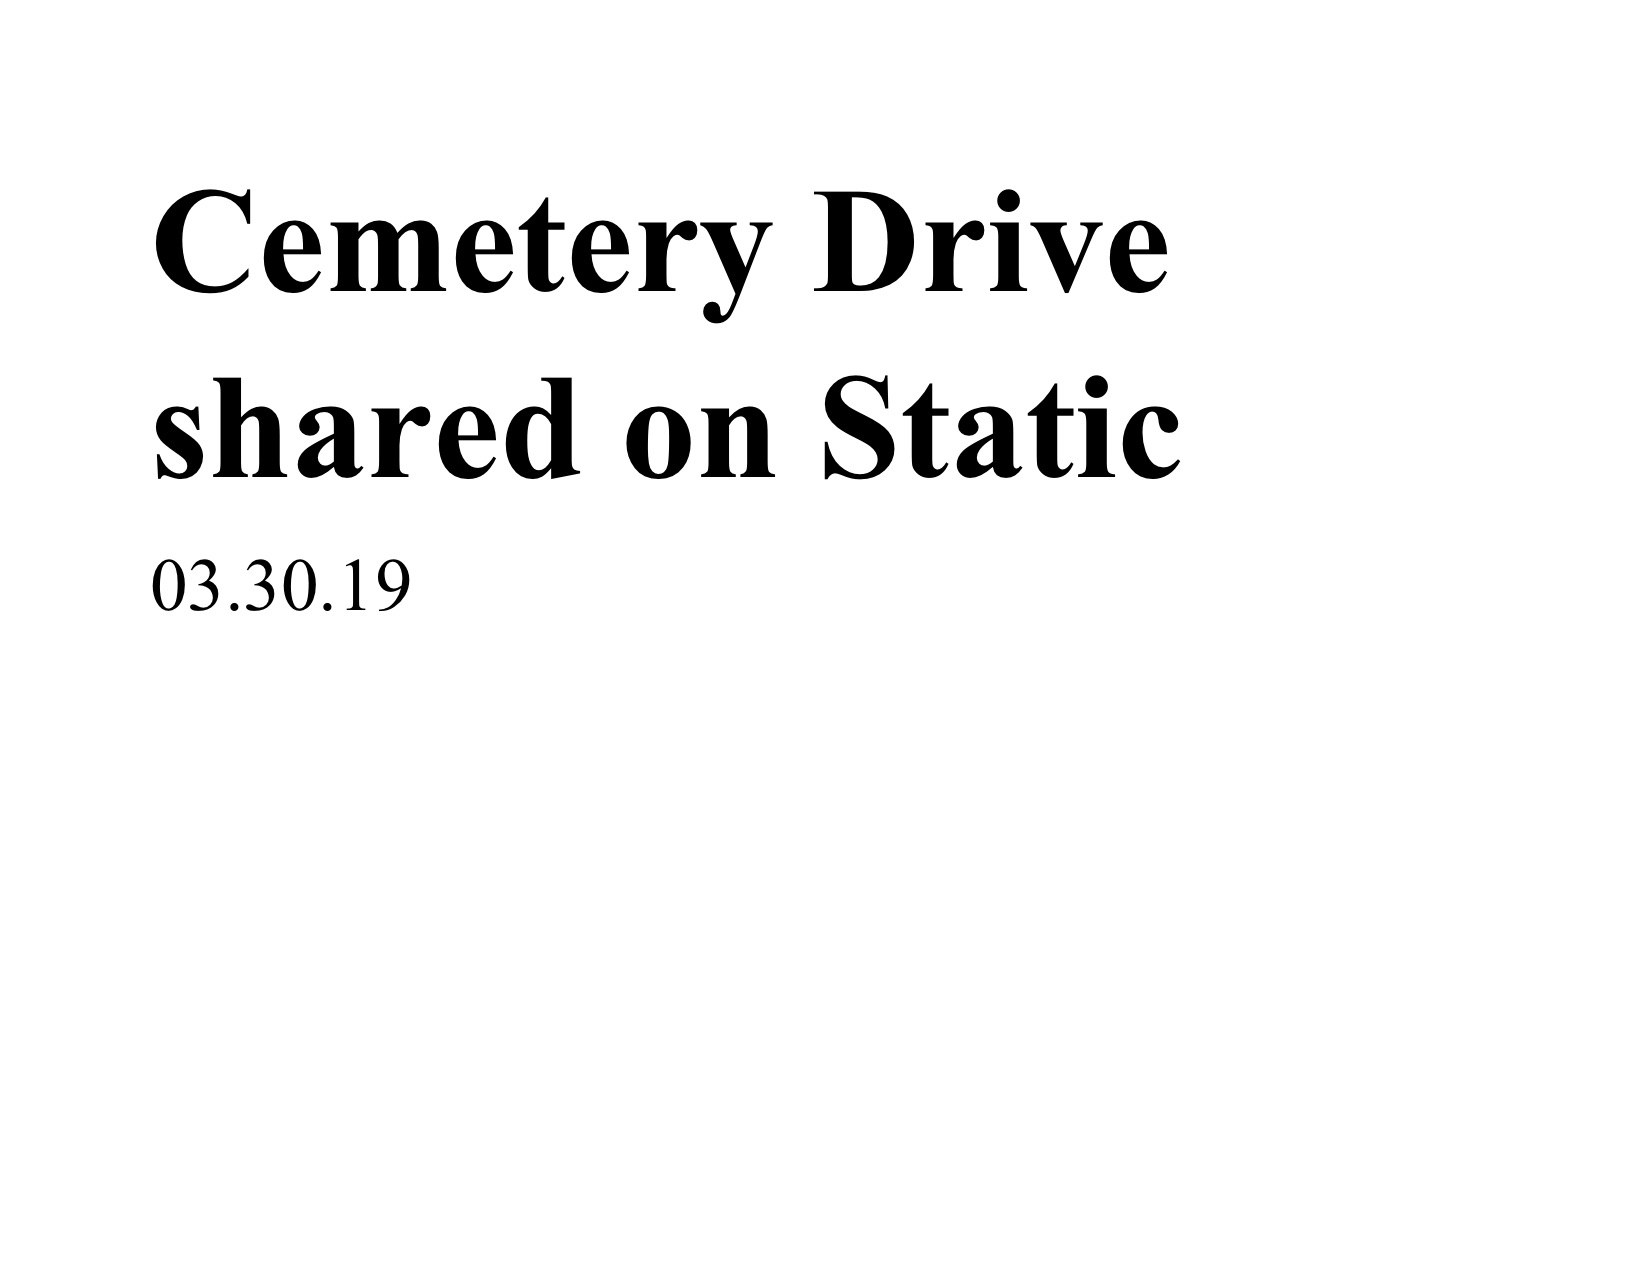 cd static.jpg